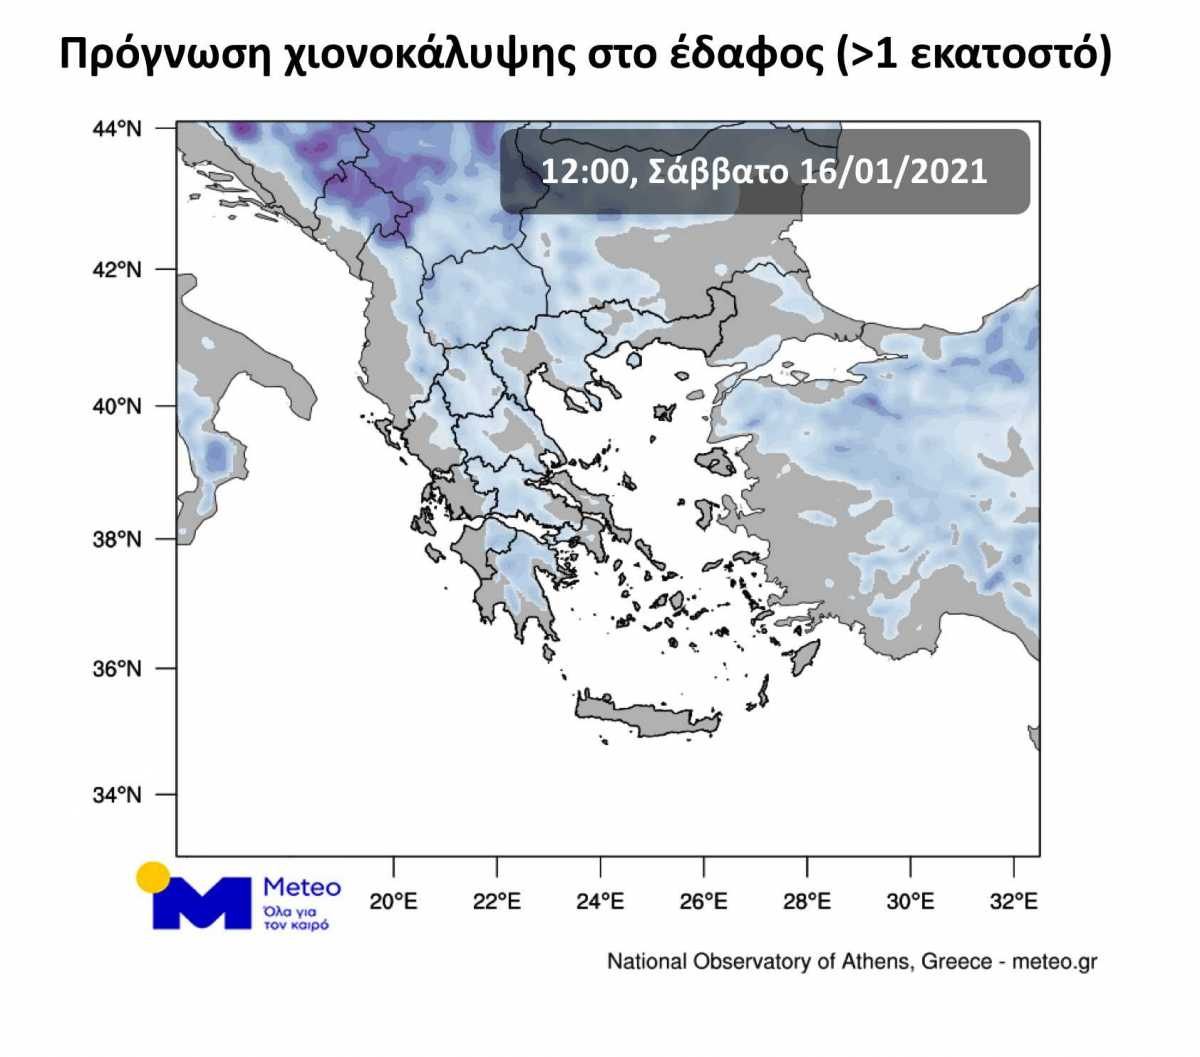 Kακοκαιρία «Λέανδρος»: Τα νέα προγνωστικά και το νέο στοιχείο για τα χιόνια στην Αττική